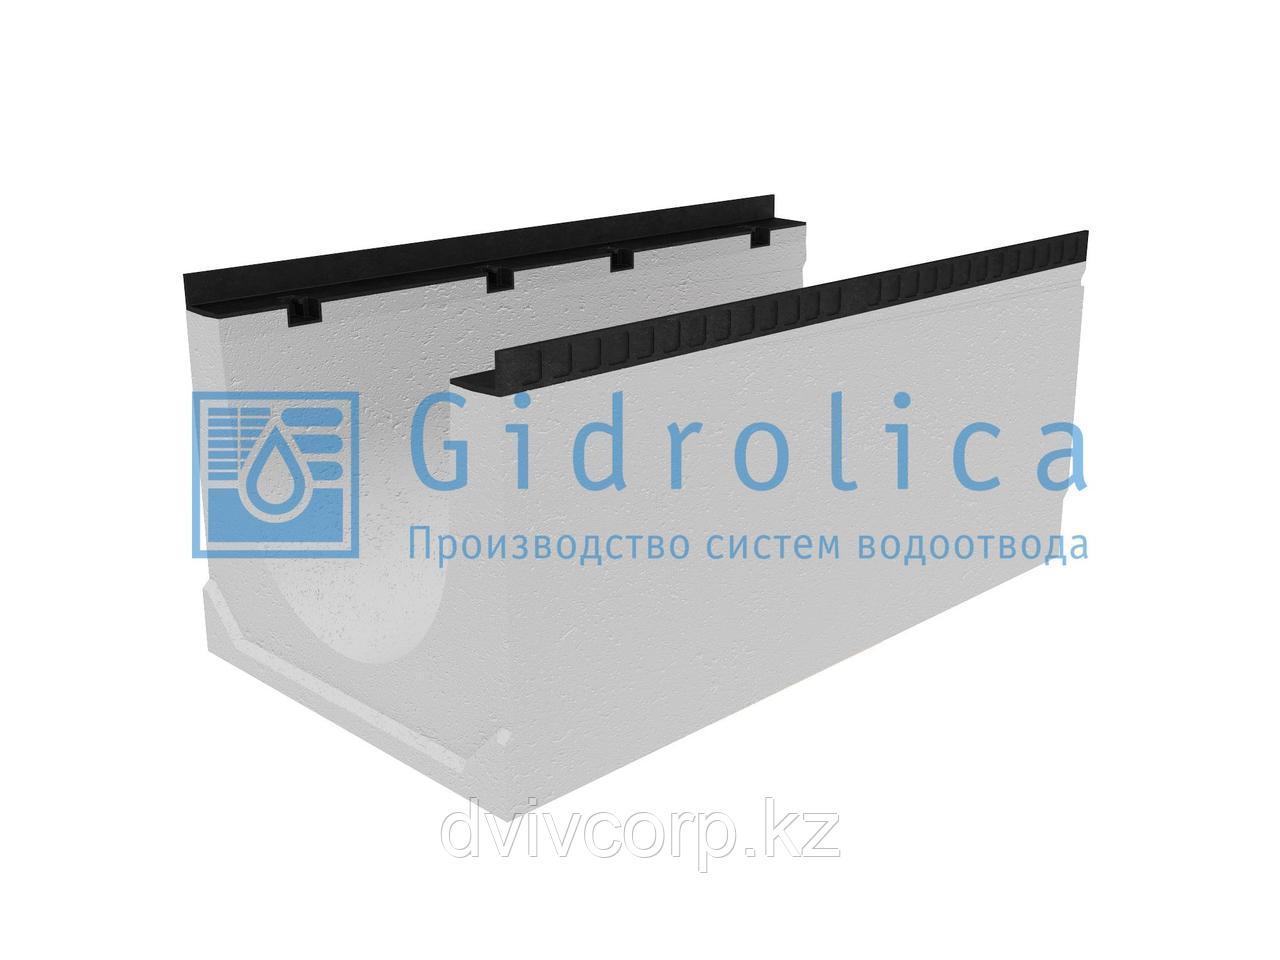 Лоток водоотводный бетонный коробчатый (СО-400мм), с уклоном 0,5% КUу 100.54(40).45(37) - BGМ, № -1